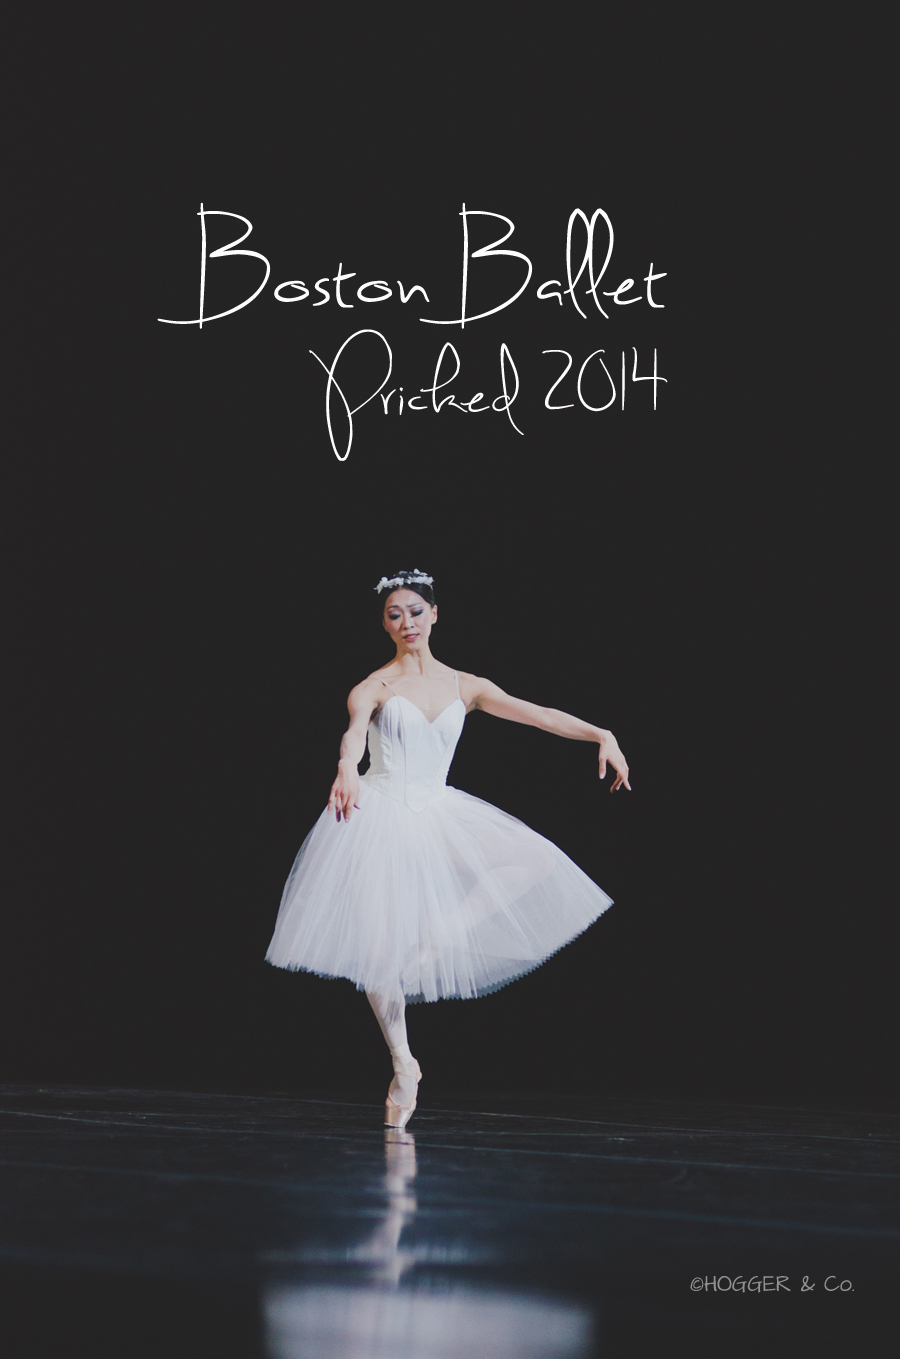 BostonBallet_Pricked2014_©HOGGER&Co._title_001.jpg